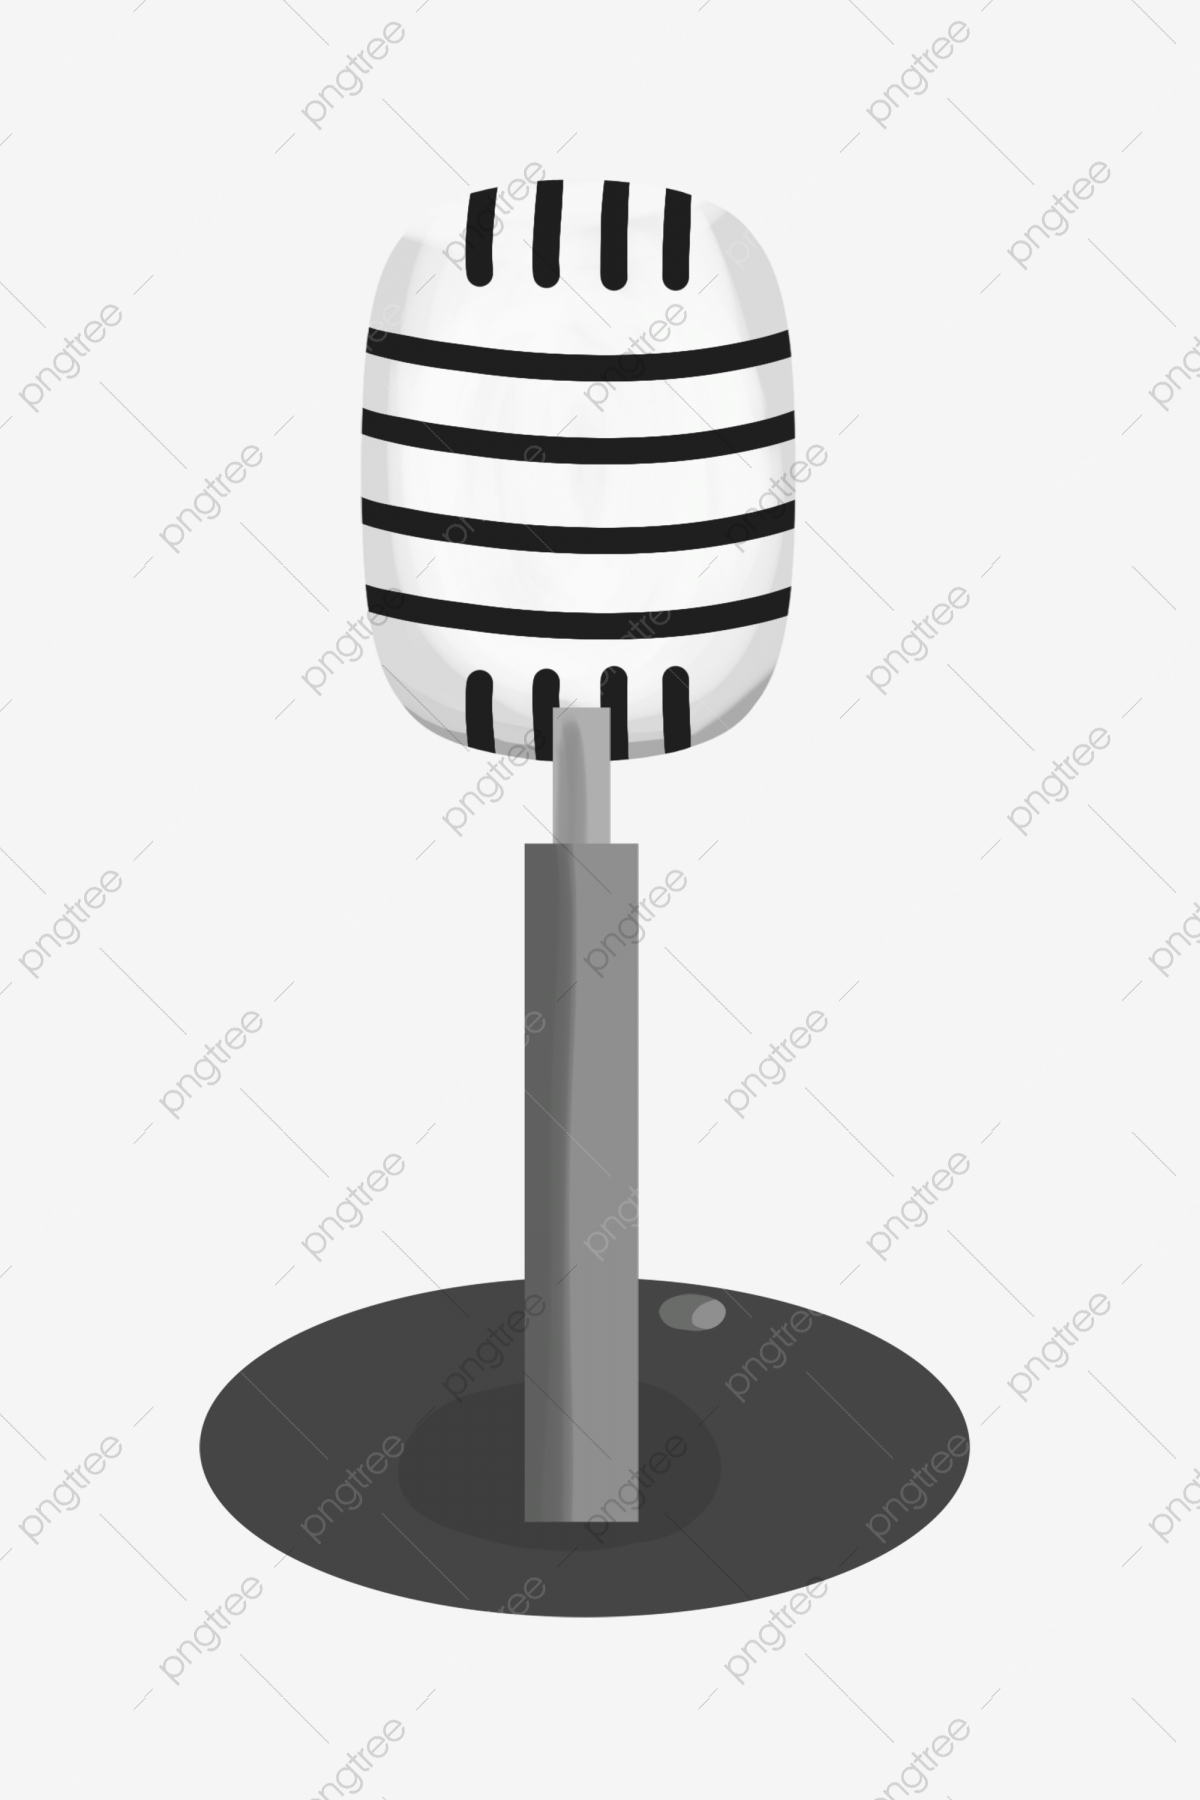 無料ダウンロードのためのカラオケマイク マイク 歌を歌う マイクpng画像素材